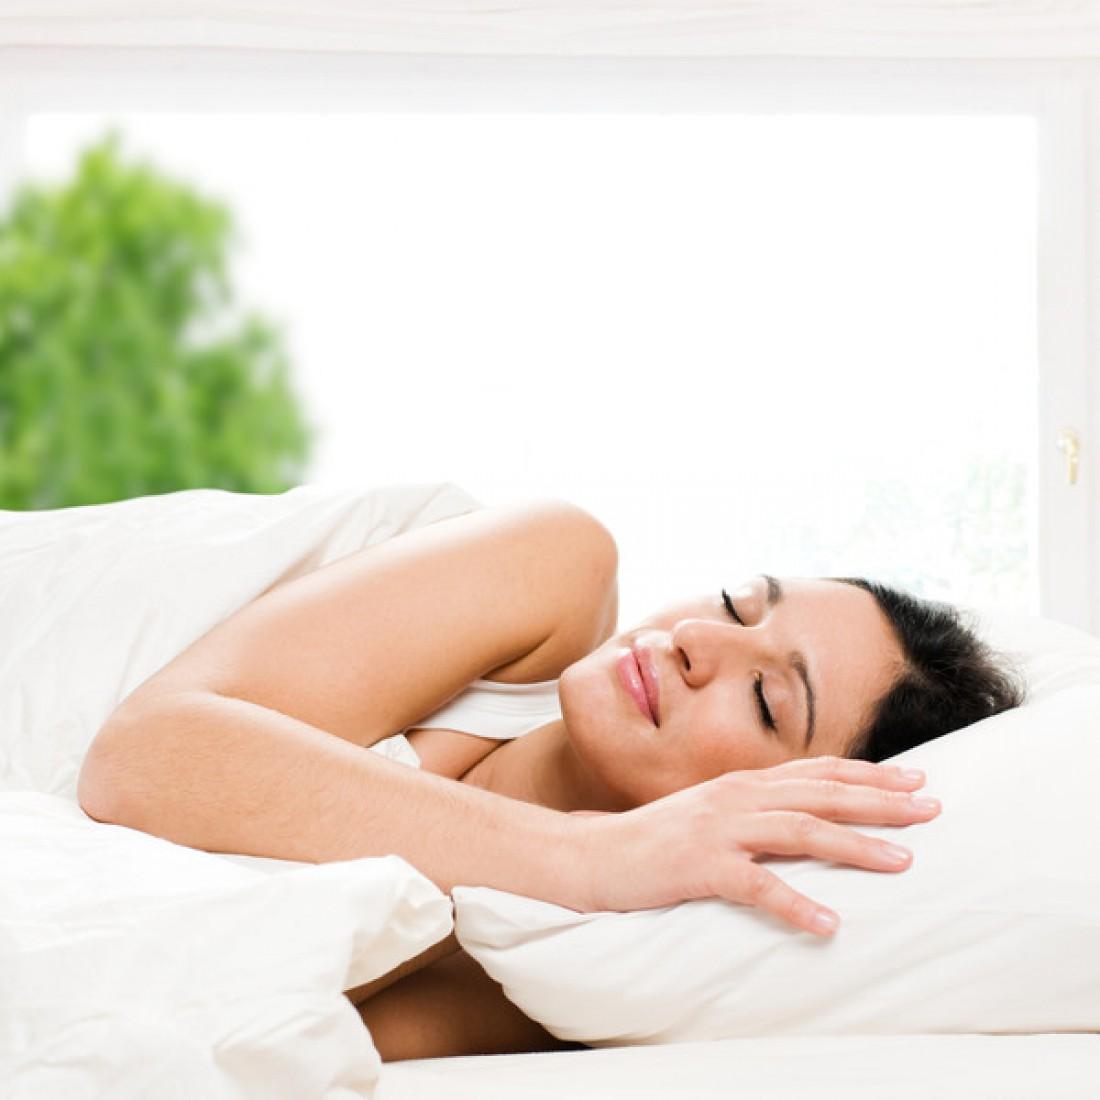 Сон нагишом улучшает состояние кожи